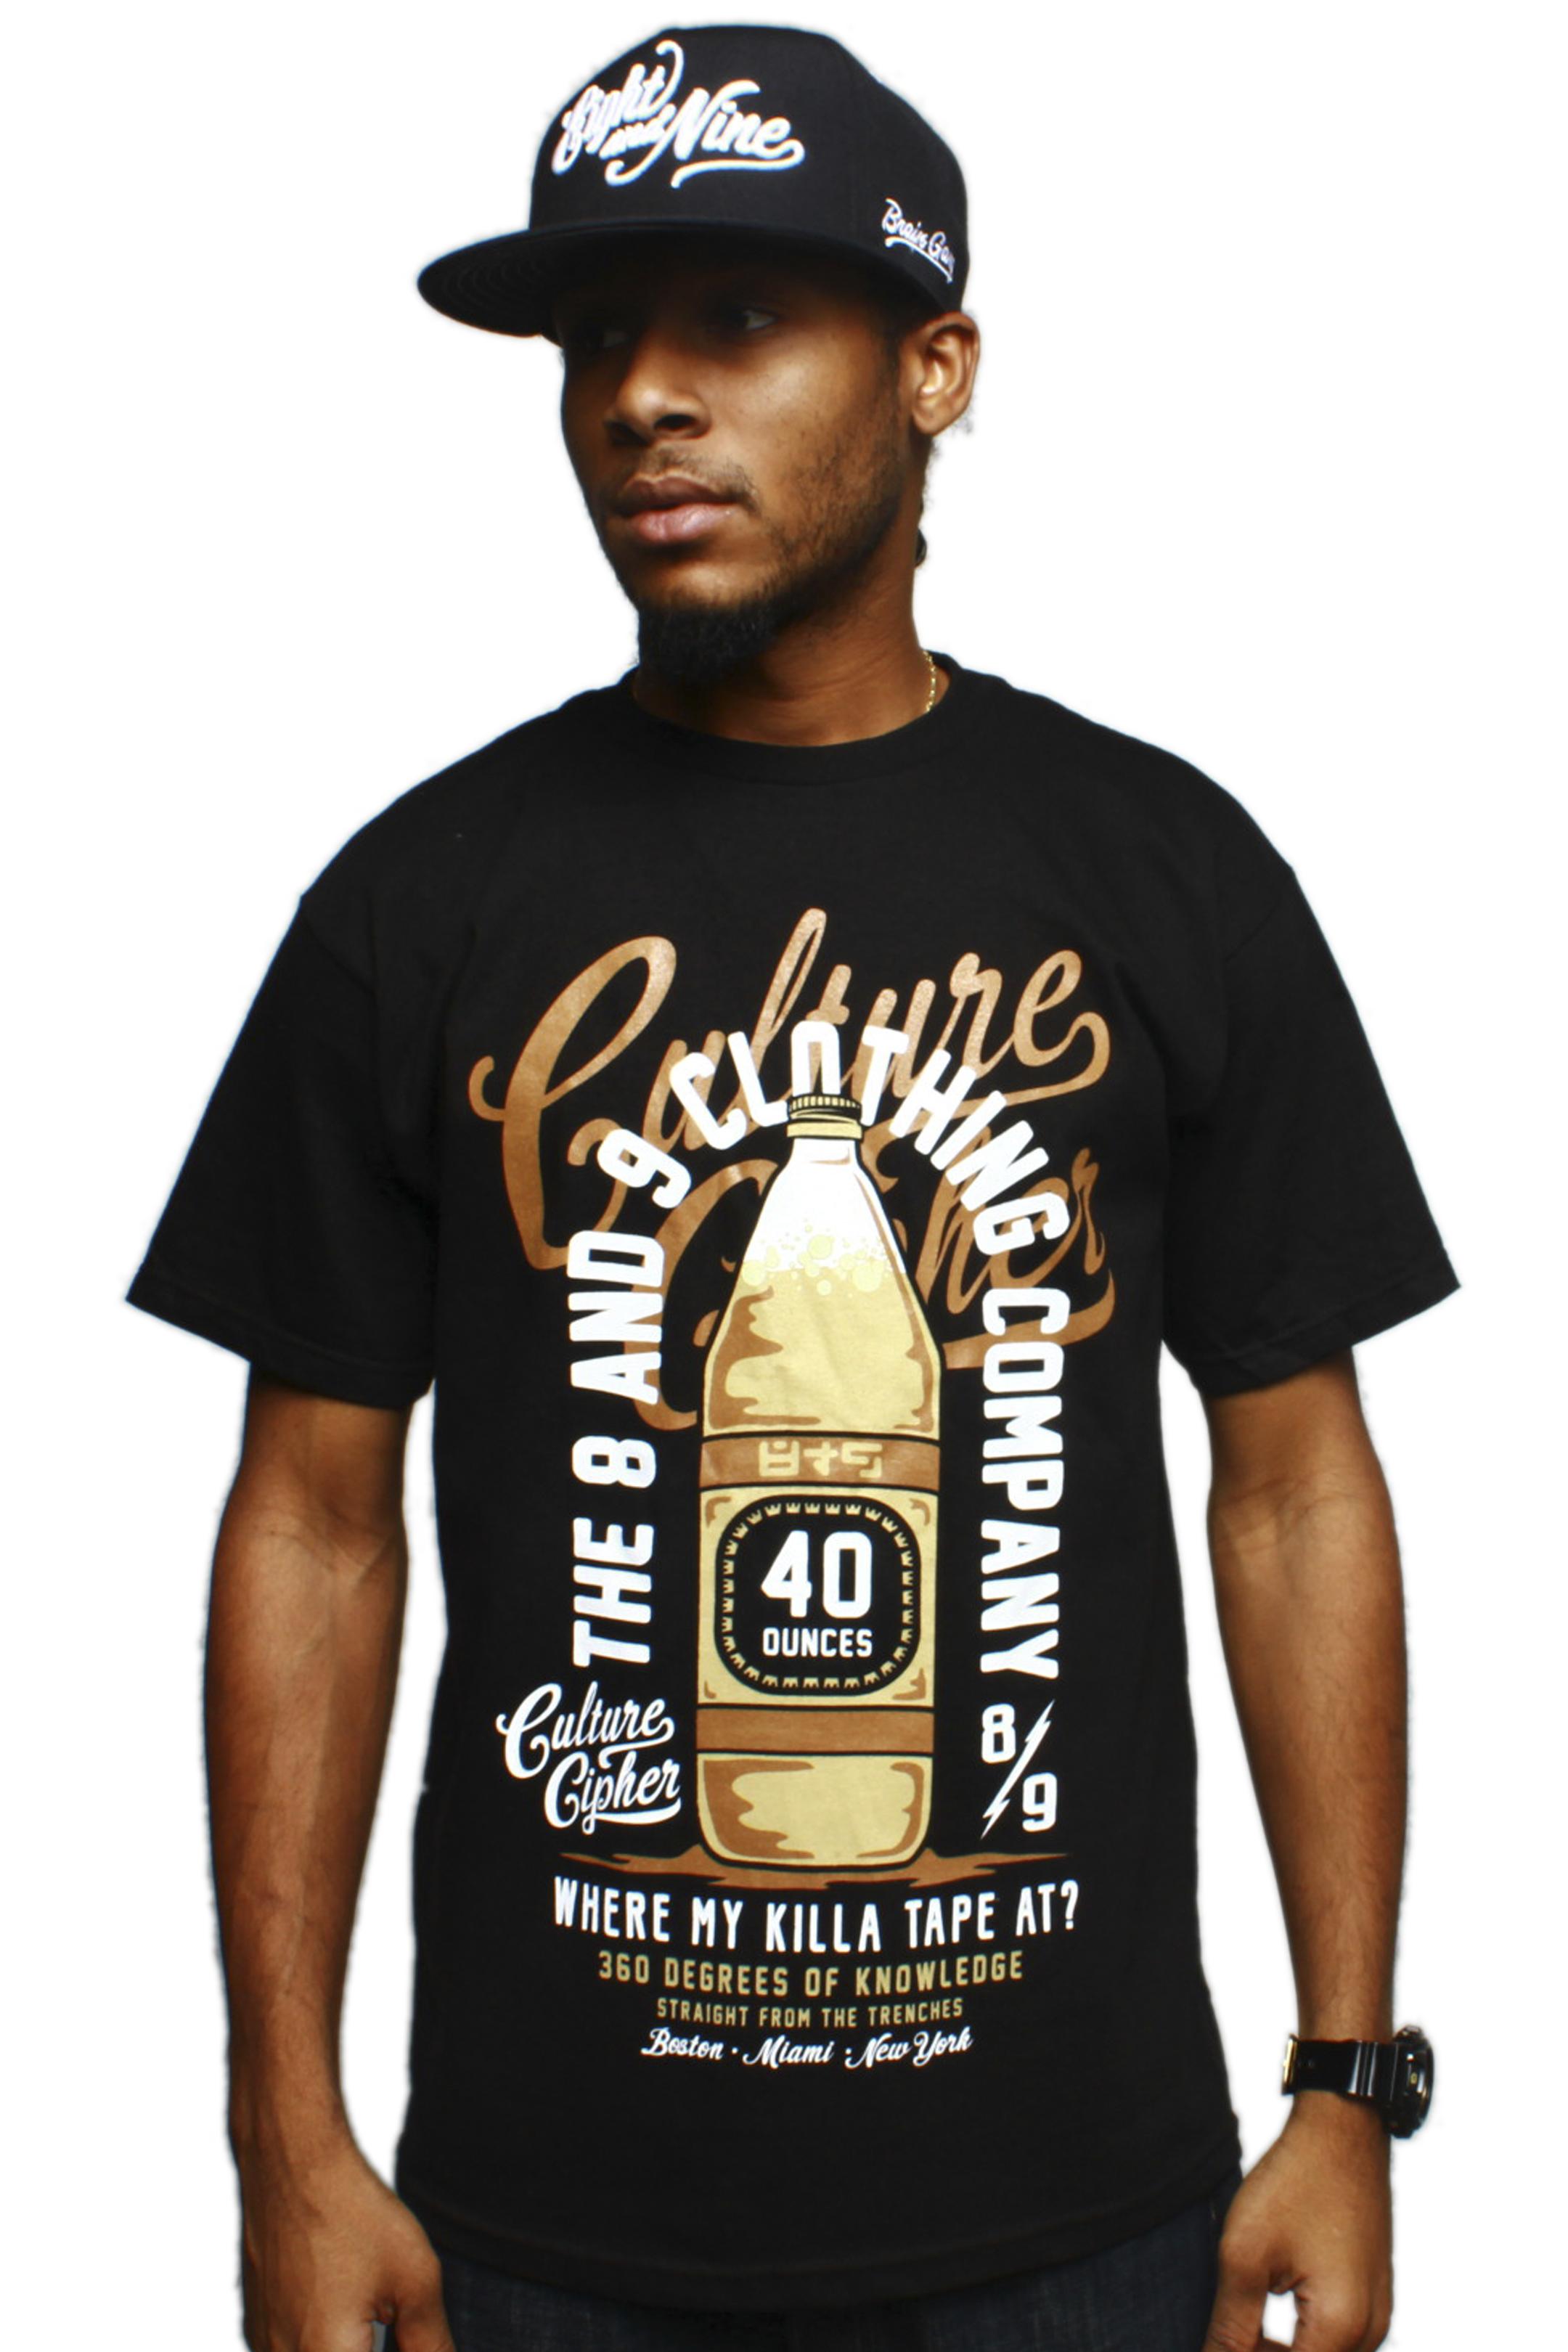 40 oz Culture Cipher T Shirt